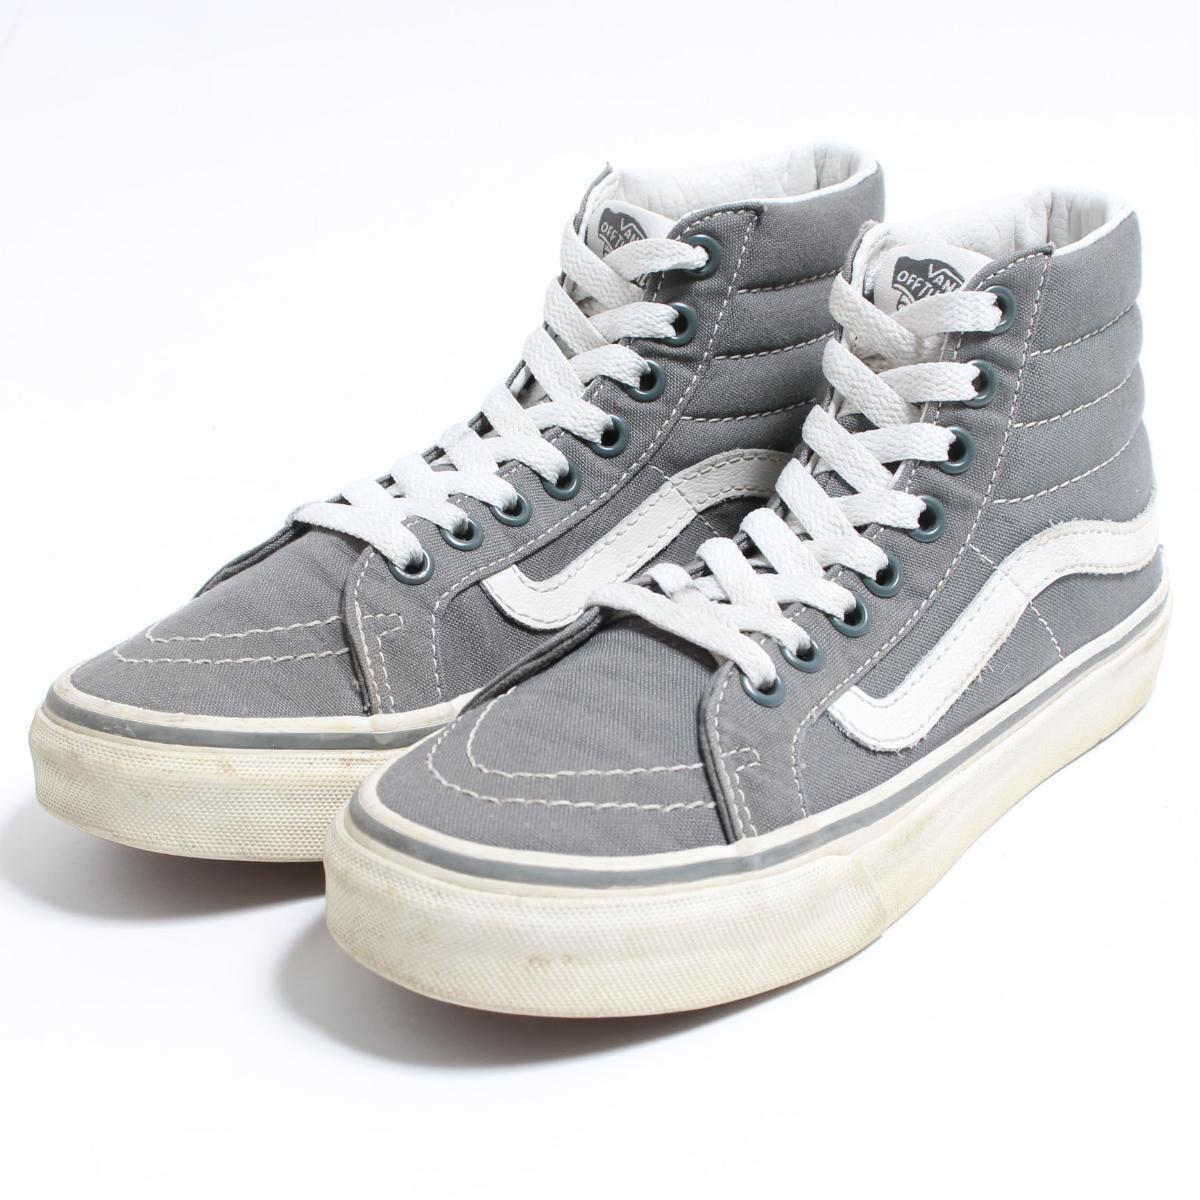 293028203f3 VINTAGE CLOTHING JAM  Vans VANS SK8-HI high-top sneakers US4 Lady s ...